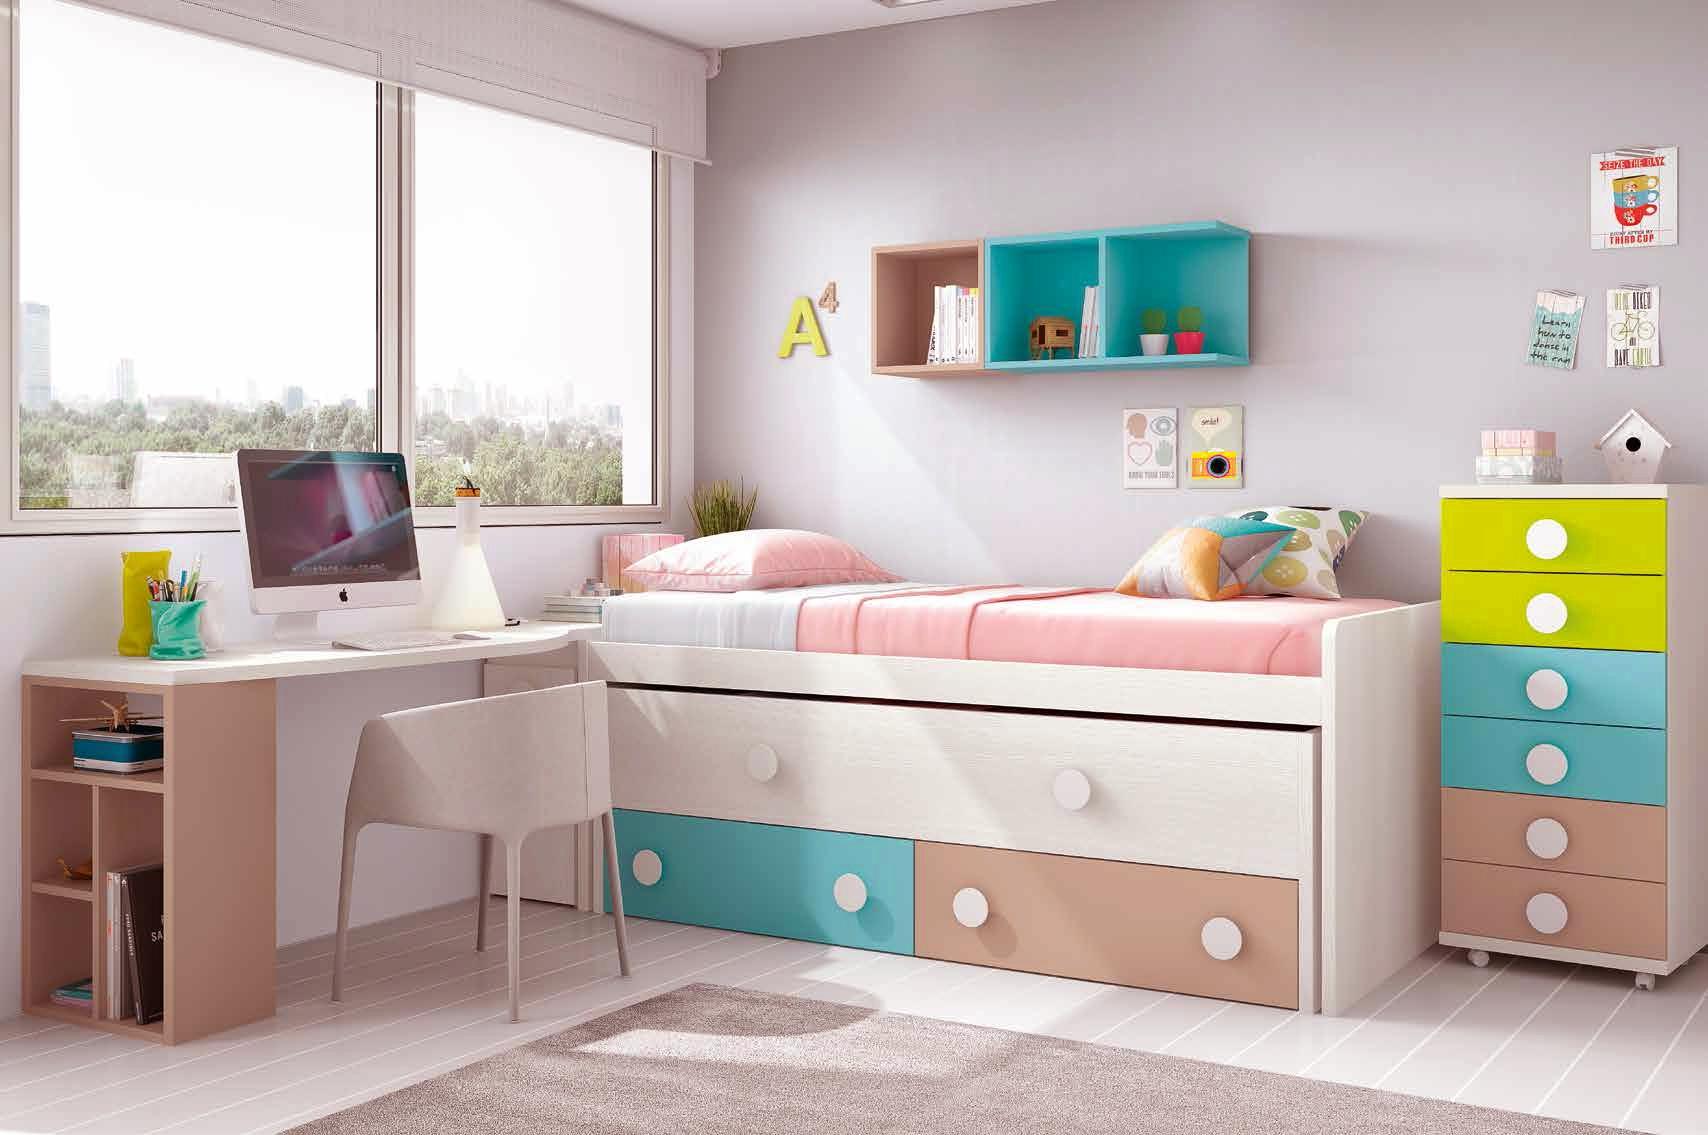 Chambre Ado Design Avec Lit Surlev Color Et Fun